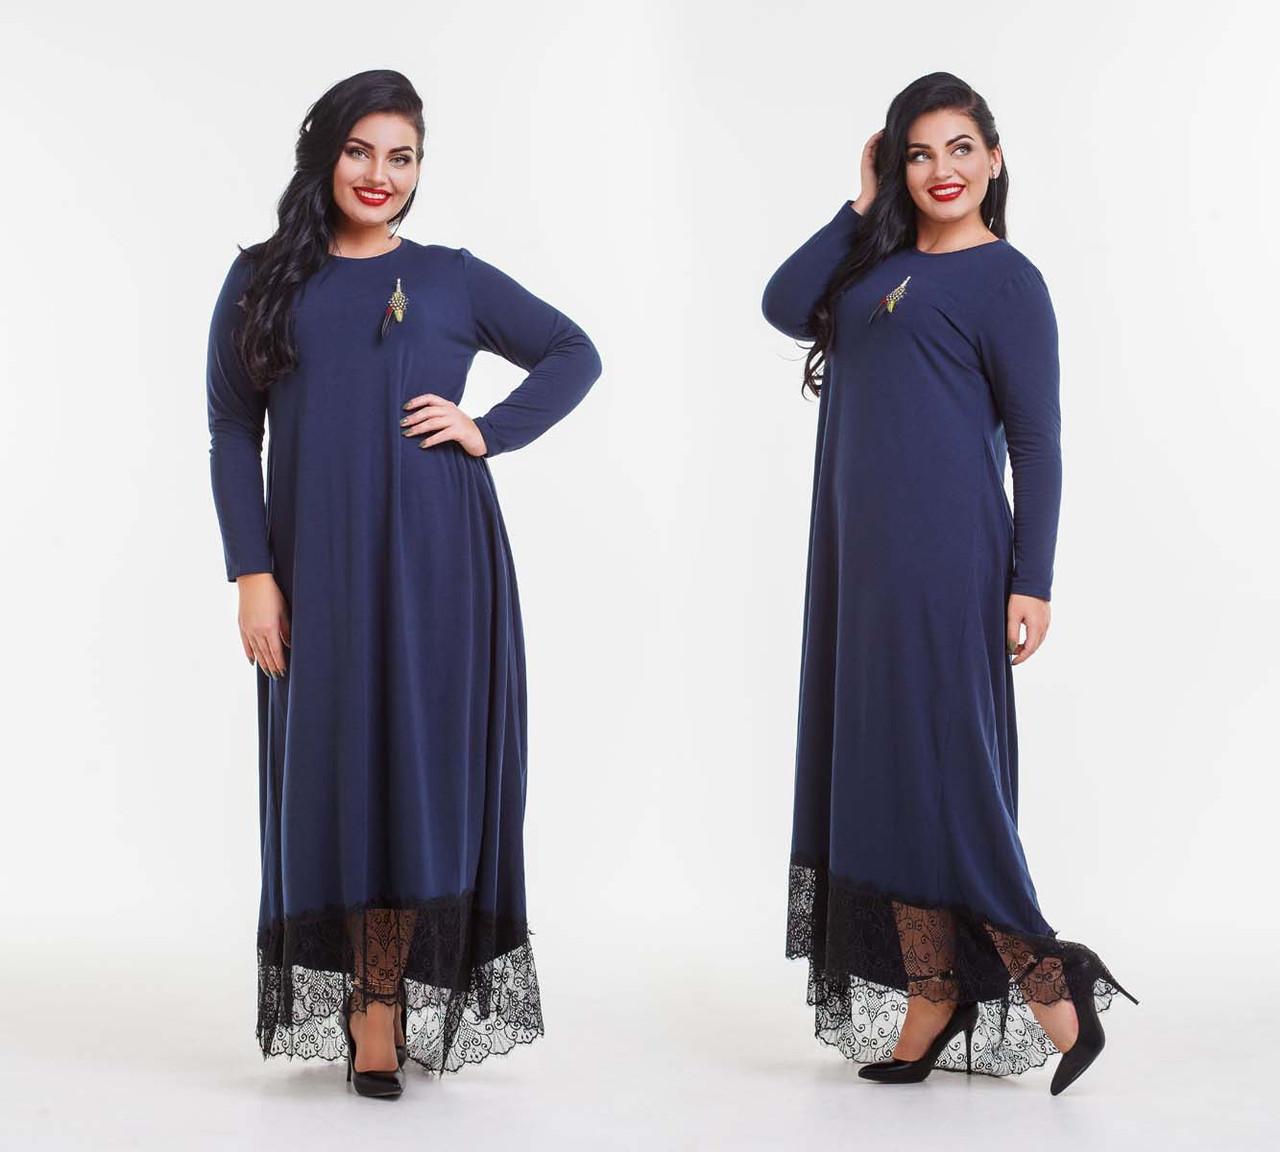 """Тепле стильне жіноче плаття на флісі у великих розмірах 15-137""""Асиметрія Максі Мереживо Брошка"""" в кольорах"""